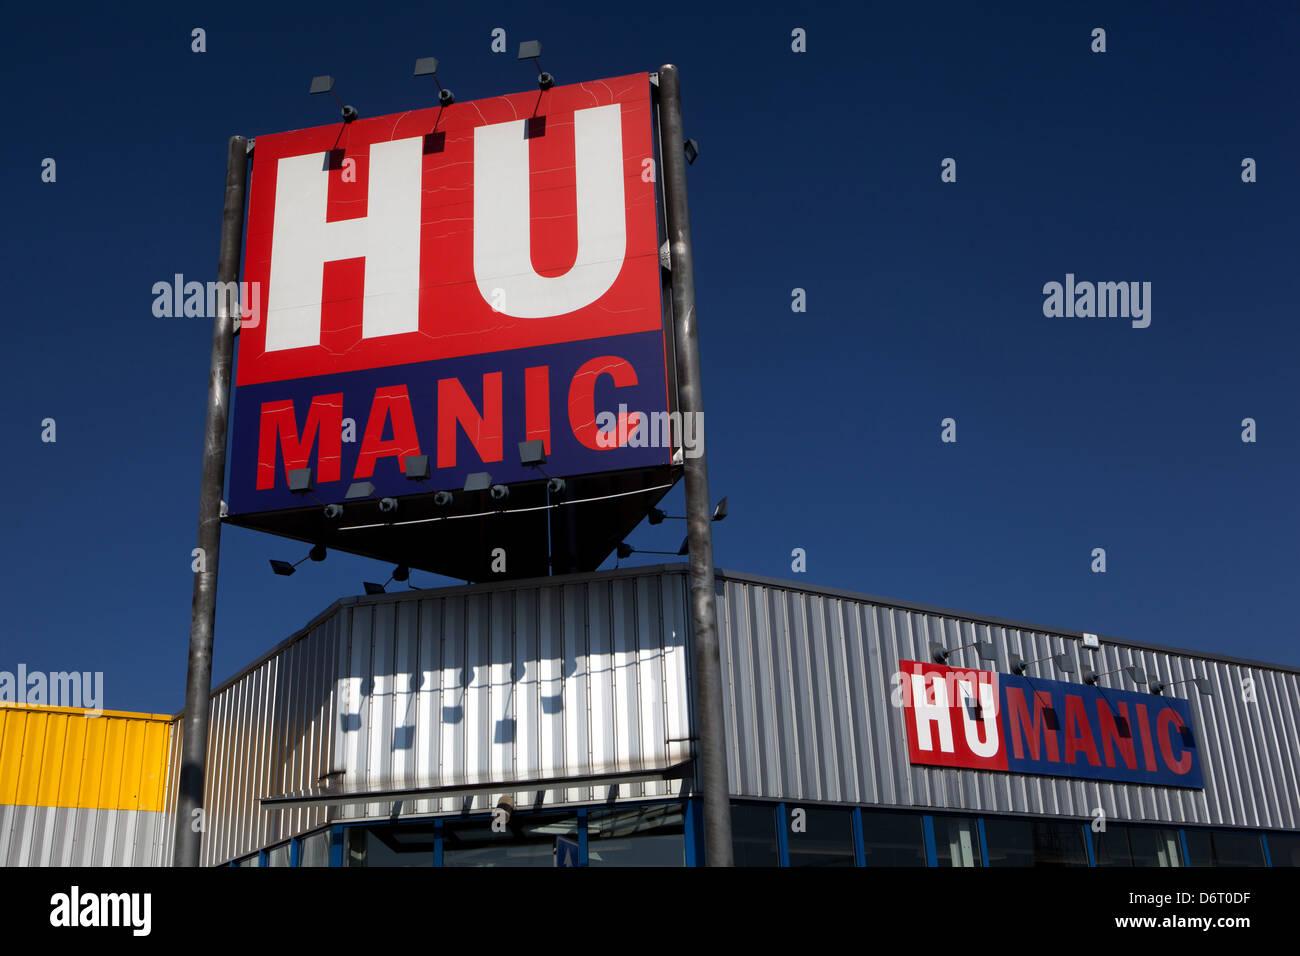 Humanic Humanic Stock Photos   Humanic Humanic Stock Images - Alamy 5ac9d8576b7